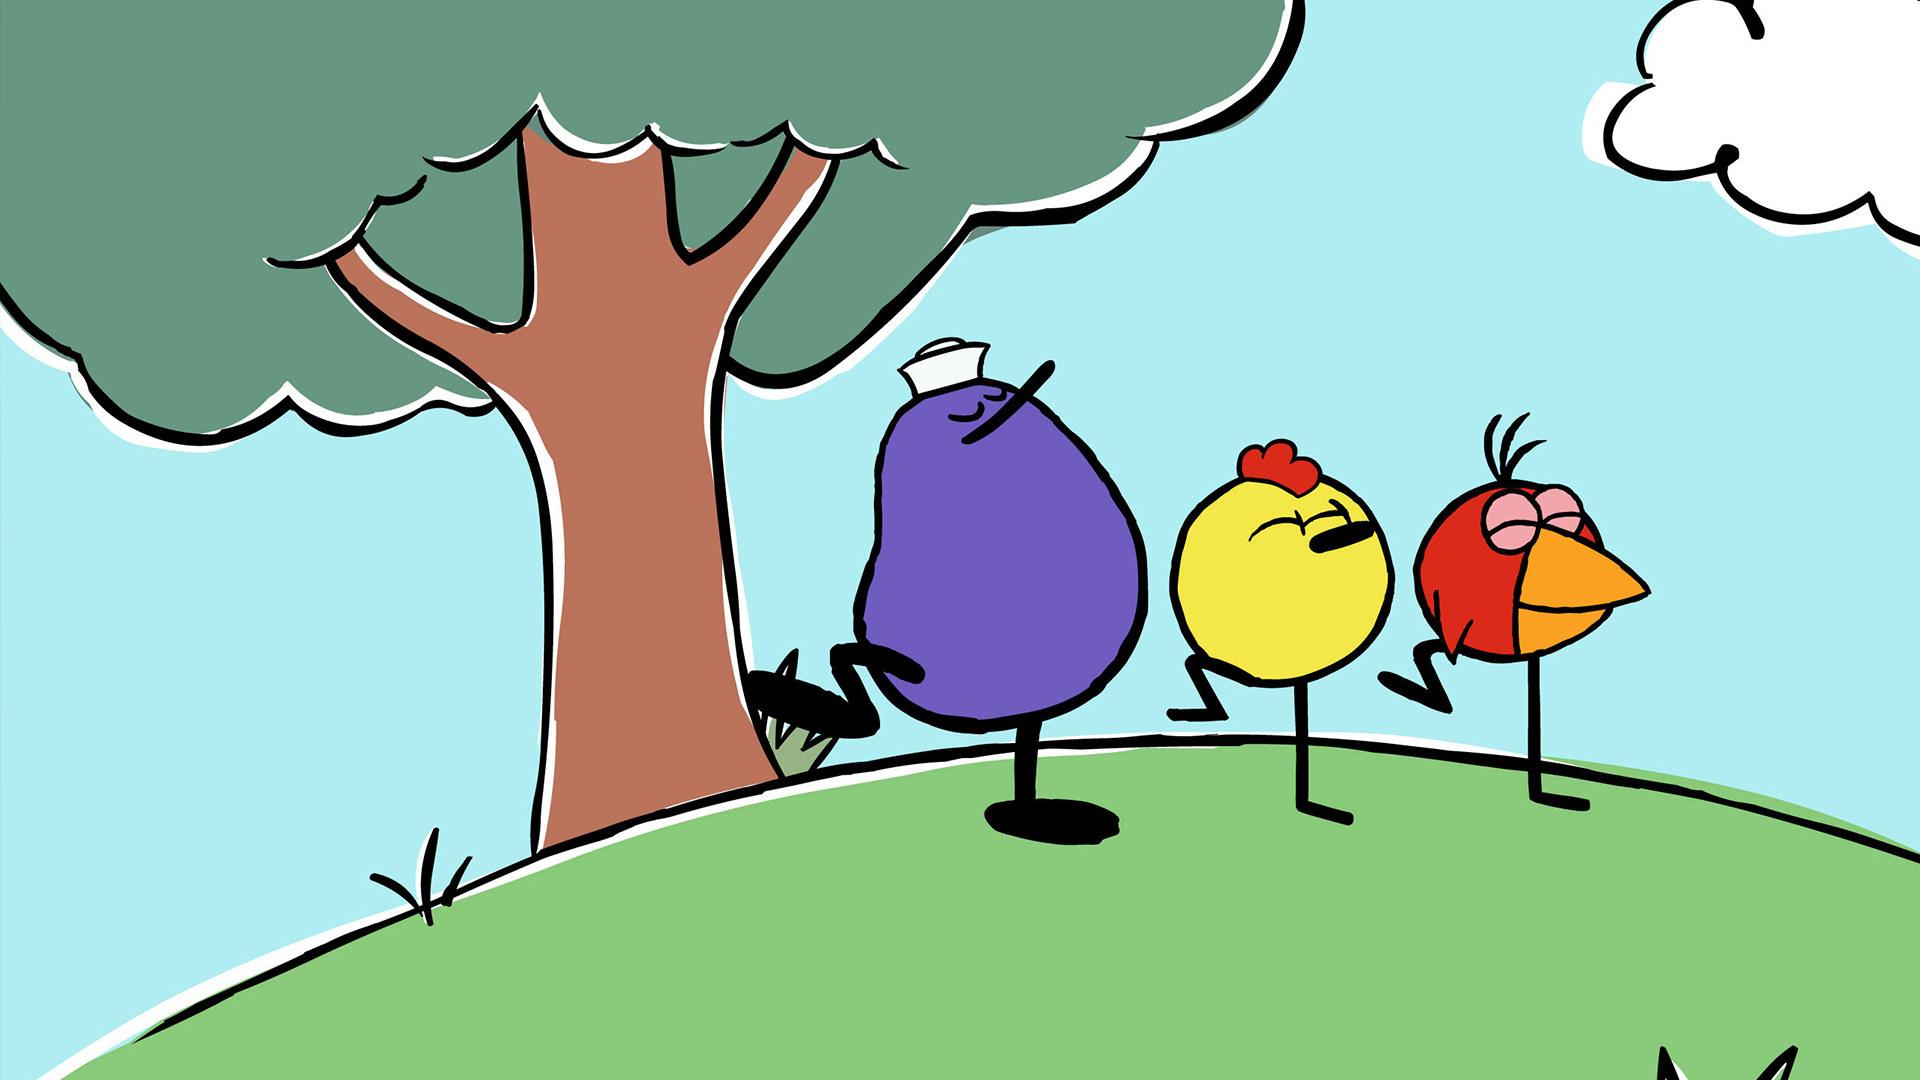 Three circular cartoon birds enjoying a day outside